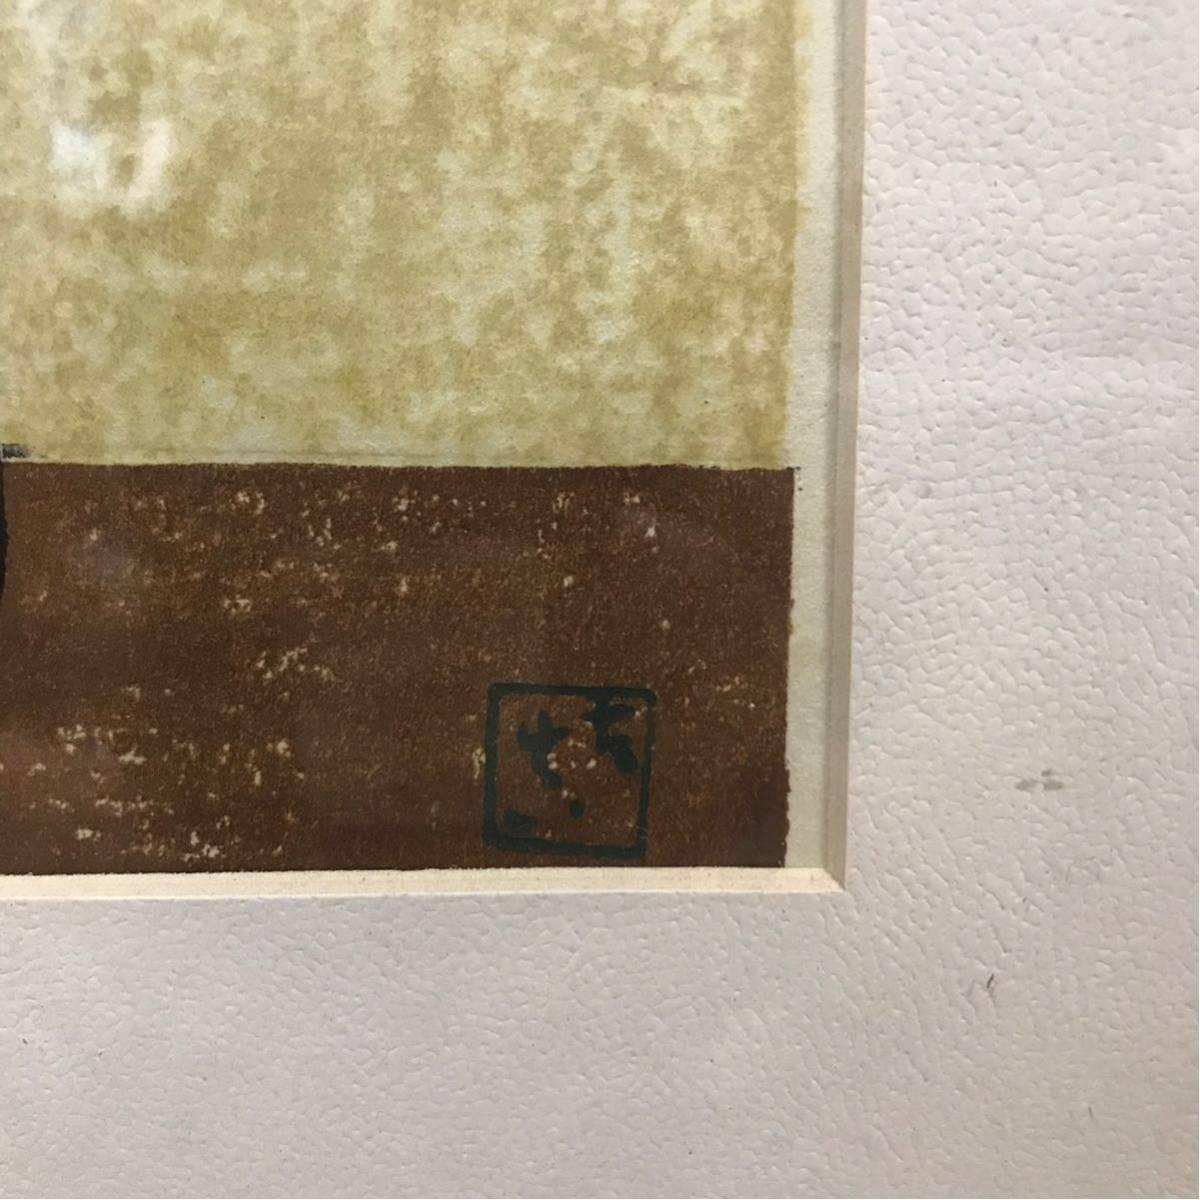 本木こま子 木版画 絵 花 椿 つばき 花瓶 額入り インテリア 外箱あり_画像6